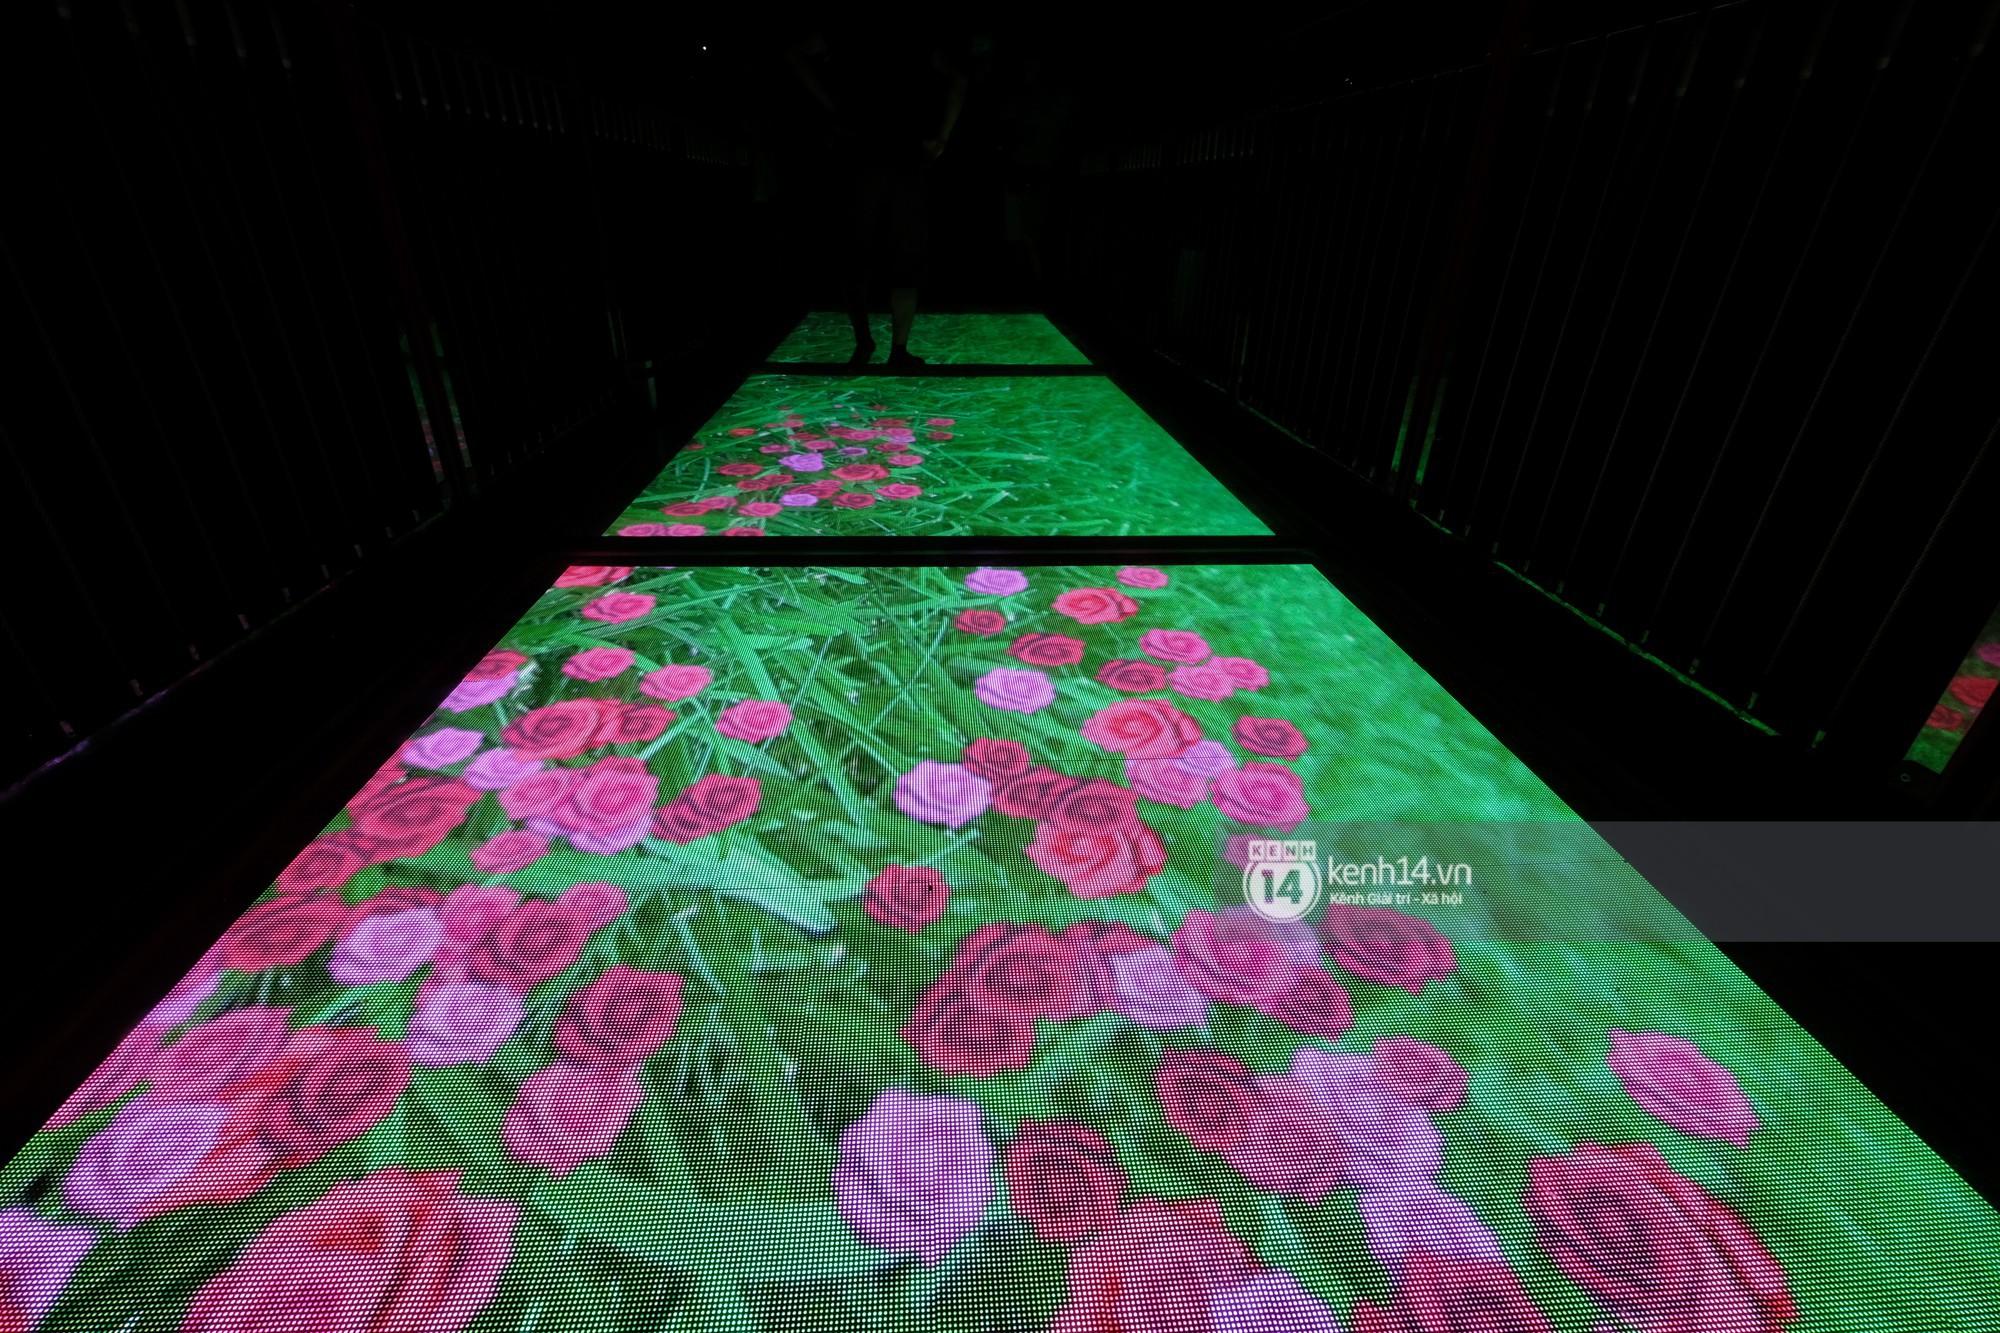 Mỗi màn hình có hơn 56 hiệu ứng khác nhau, nên du khách sẽ có cảm giác đi trên thảm hoa, bể cá hoặc cảm giác mảnh kính vỡ với màn hình led tiêu chuẩn và tiếng hiệu ứng phát hai bên thành cầu đầy sống động.